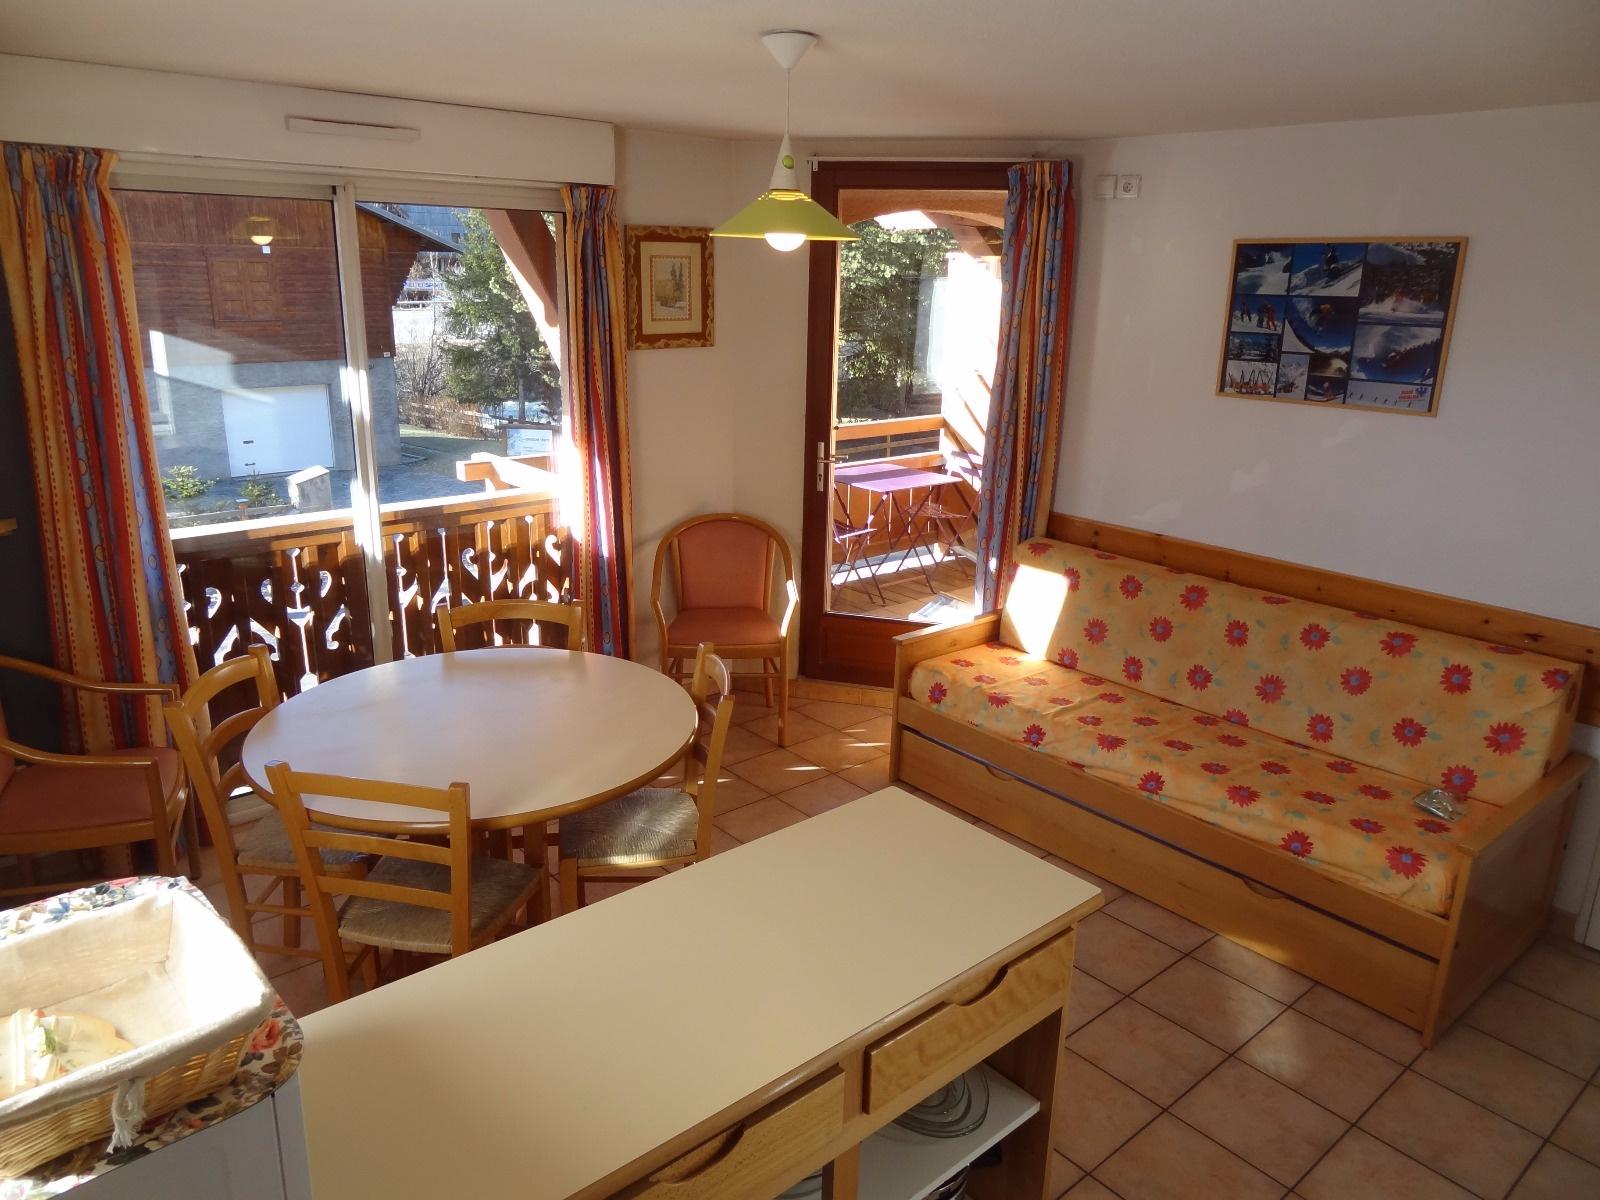 Location de vacances Appartement La salle les alpes (05240)